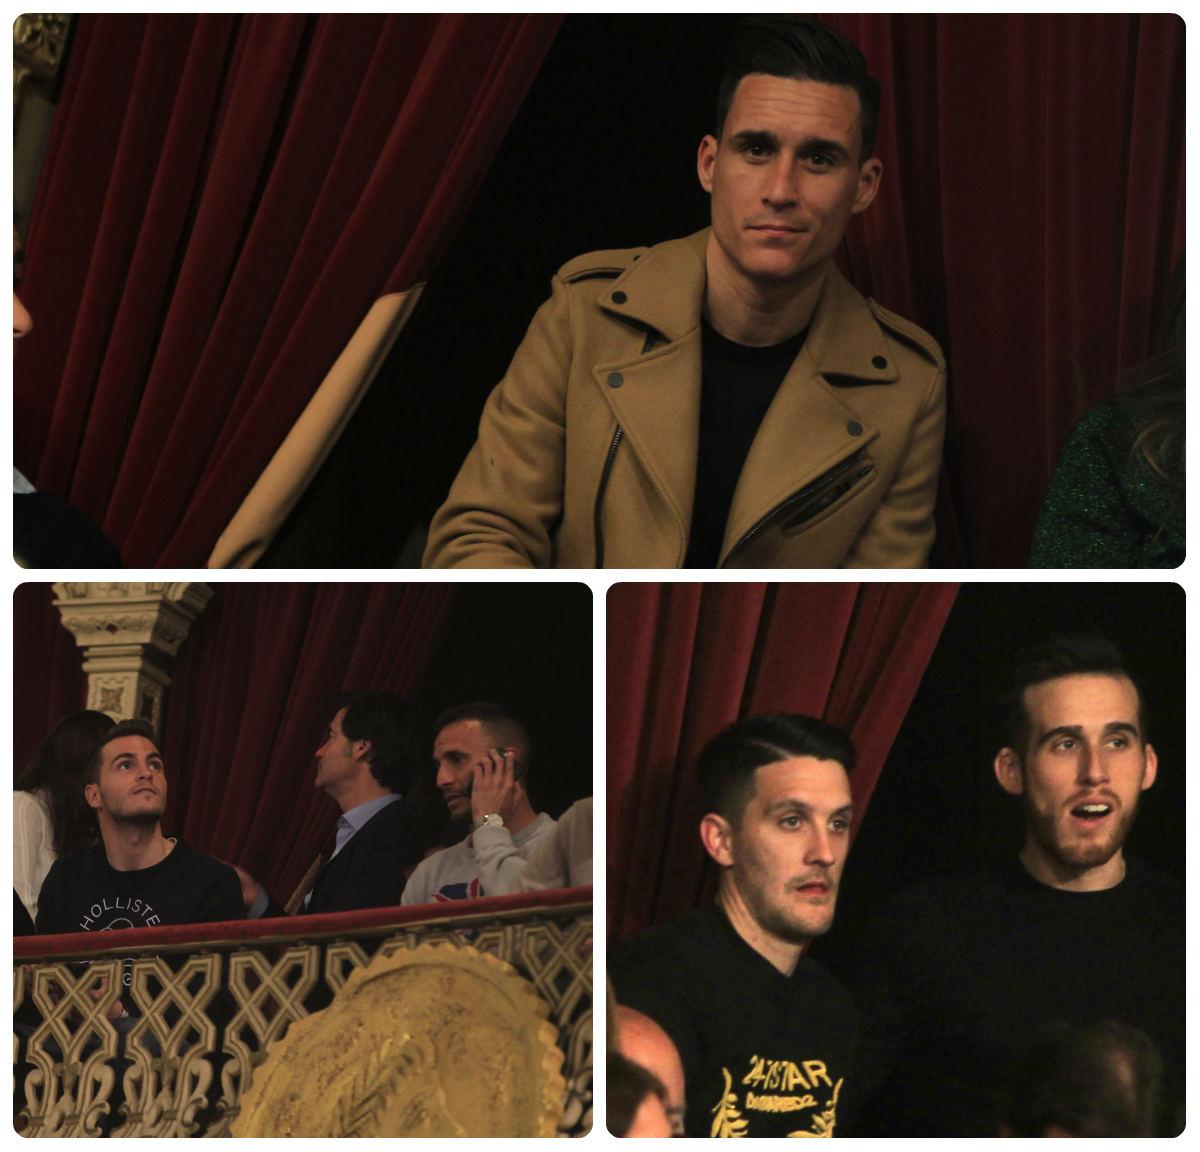 Callejón y Luis Alberto, dos futbolistas de primer nivel en el Gran Teatro Falla